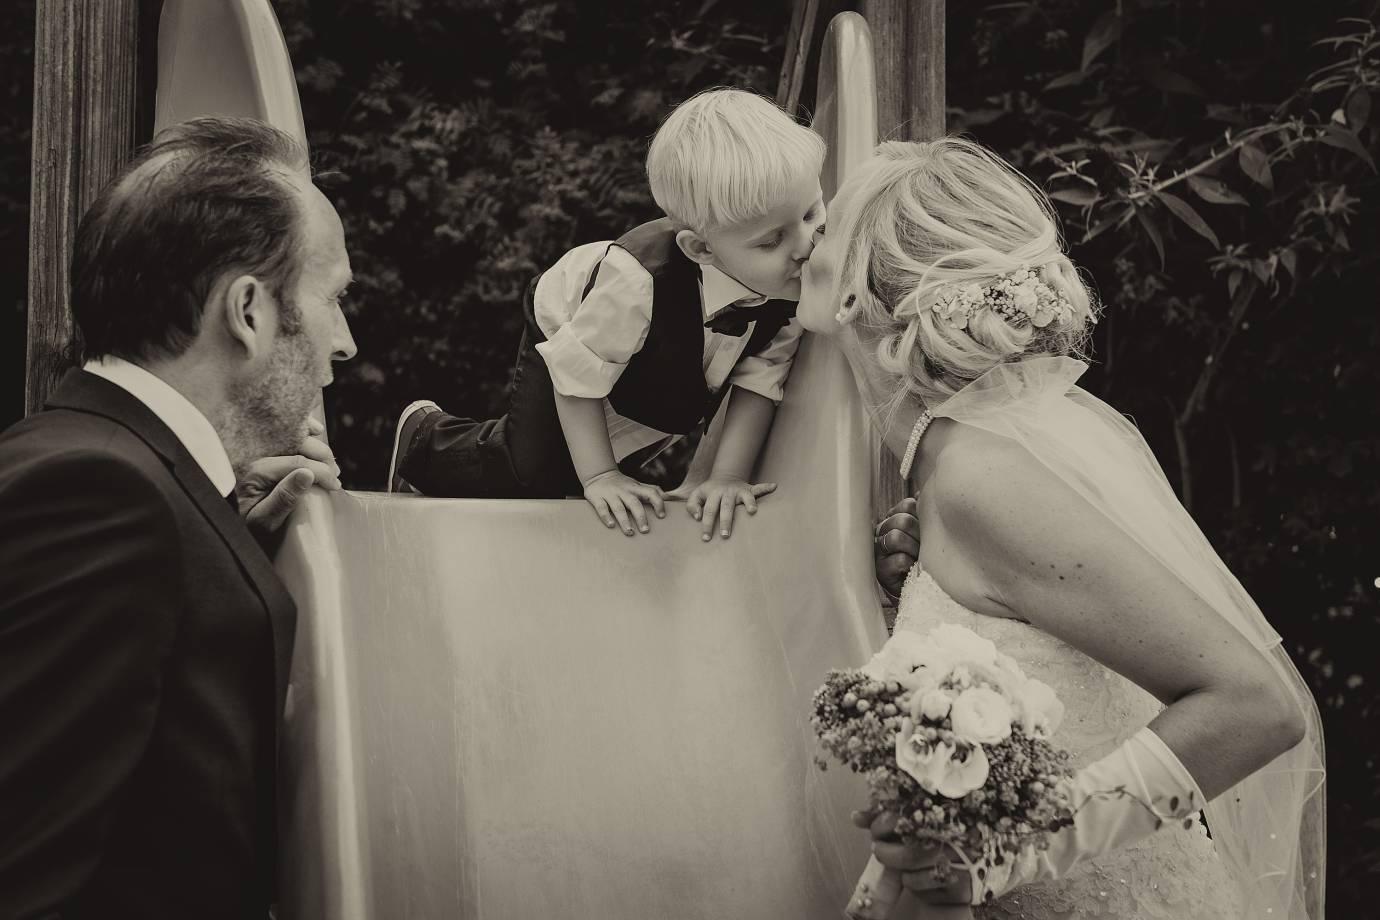 hochzeitsfotograf kirchseelte 122 - Sabrina+Lars